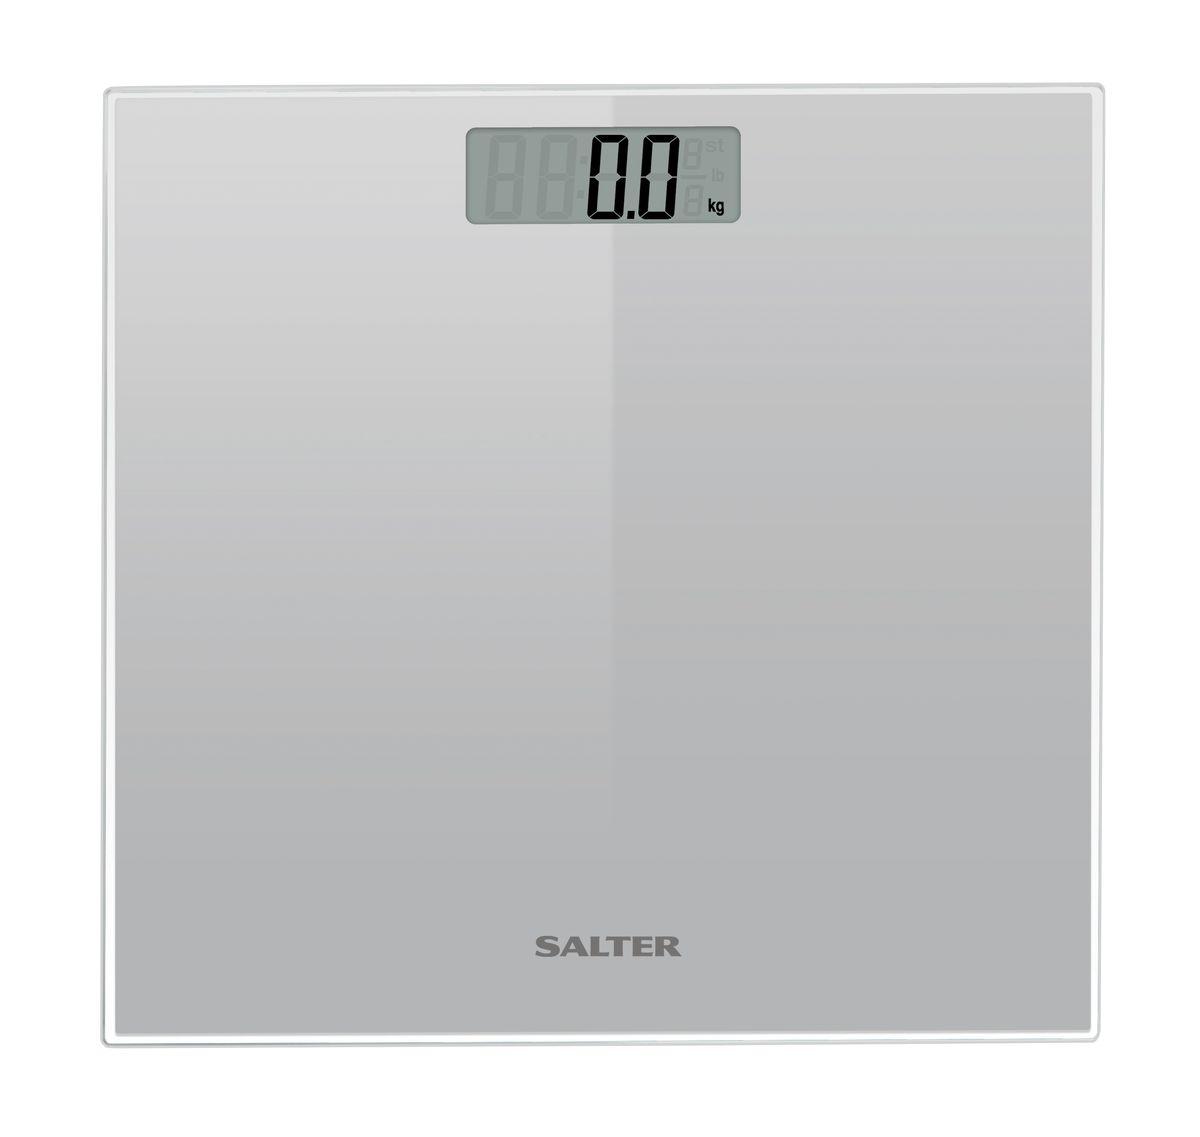 Salter 9037 SV3R напольные весы9037 SV3RНапольные весы стильного дизайна Salter 9037 SV3R, сверхтонкая стеклянная платформа с красивой прозрачной рамкой. Компактная конструкция для легкого хранения. Легко читаемый широкий дисплей 79 х 28 мм.